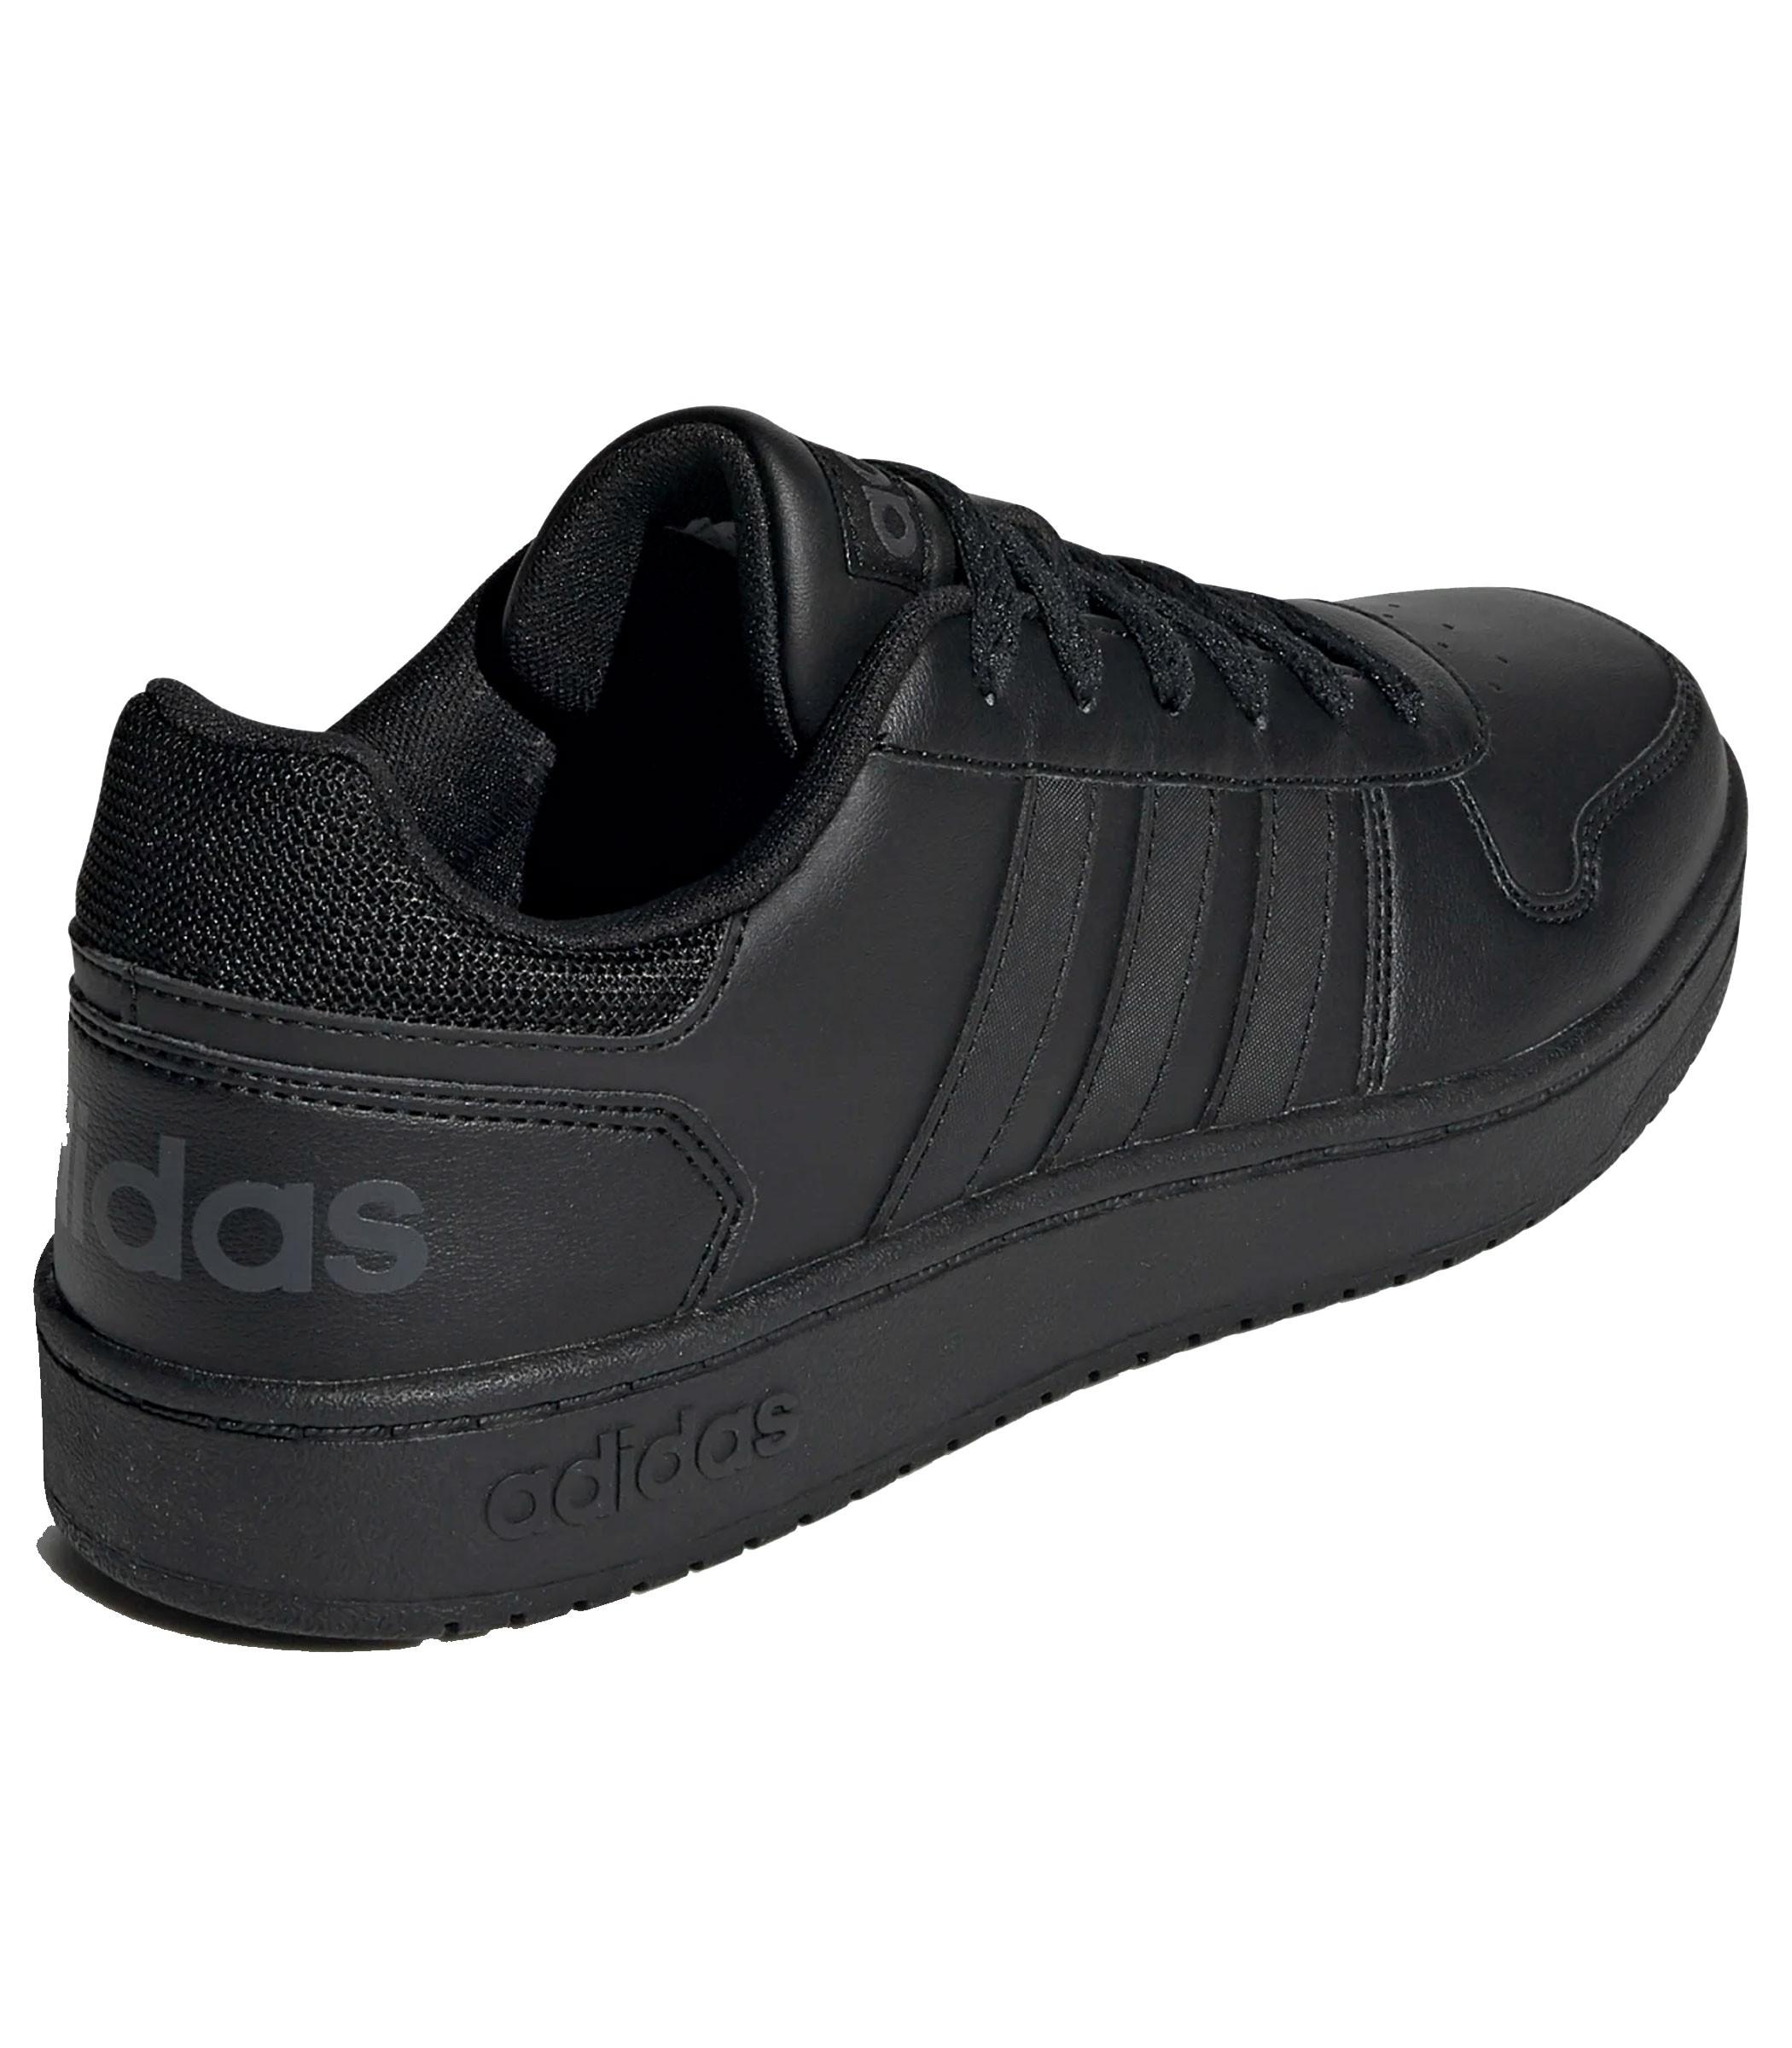 Scarpe Sneakers basse Adidas Hoops 2.0 colore nero da uomo